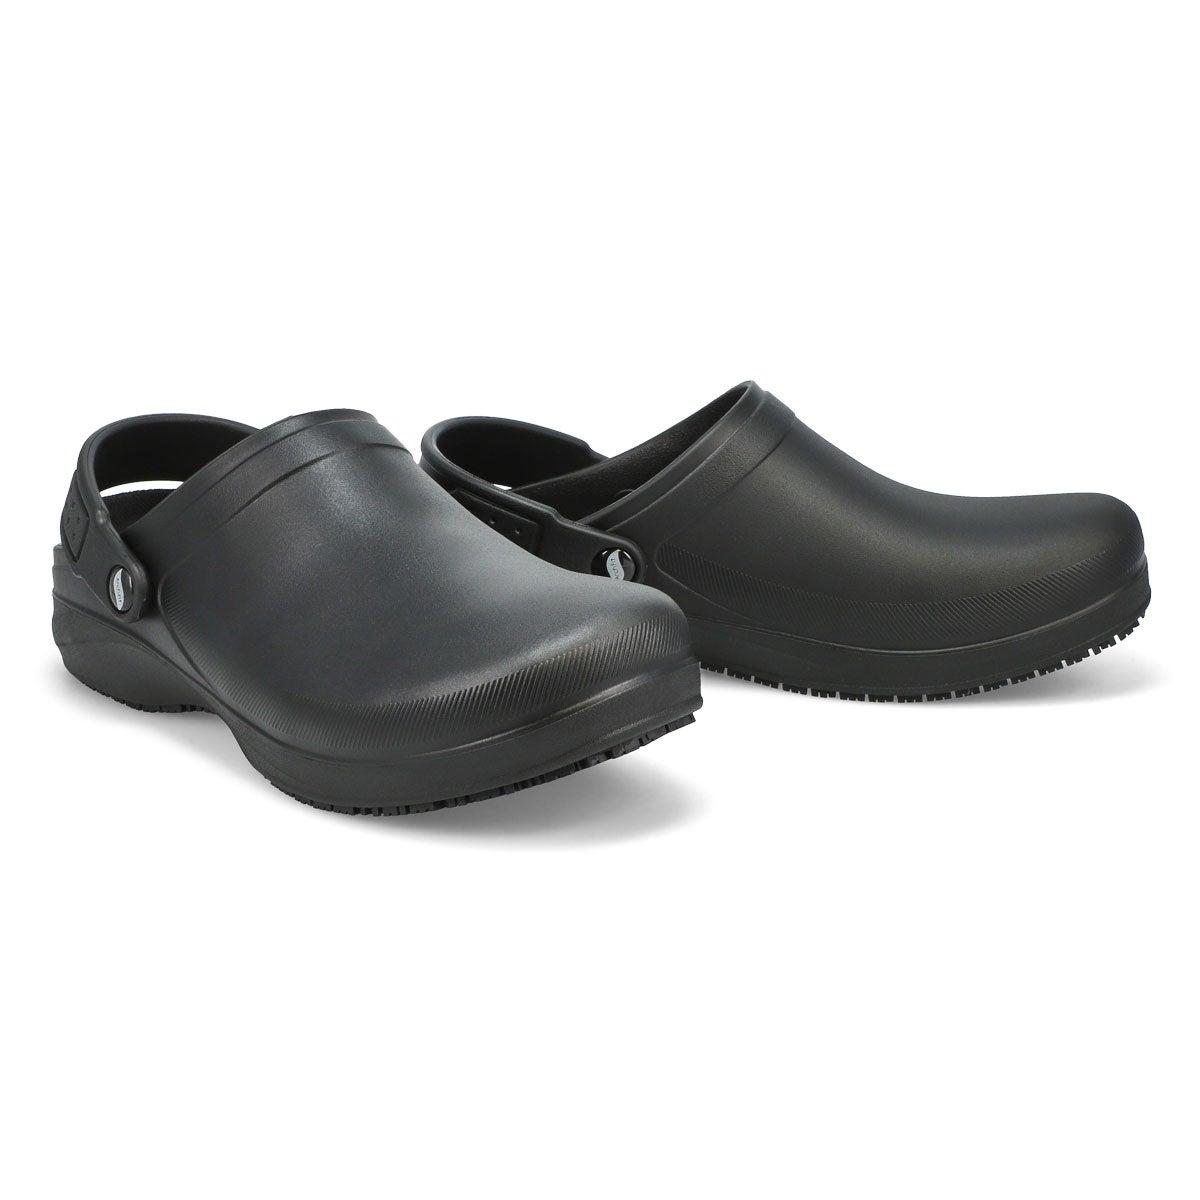 Men's Riverbound Clog - Black